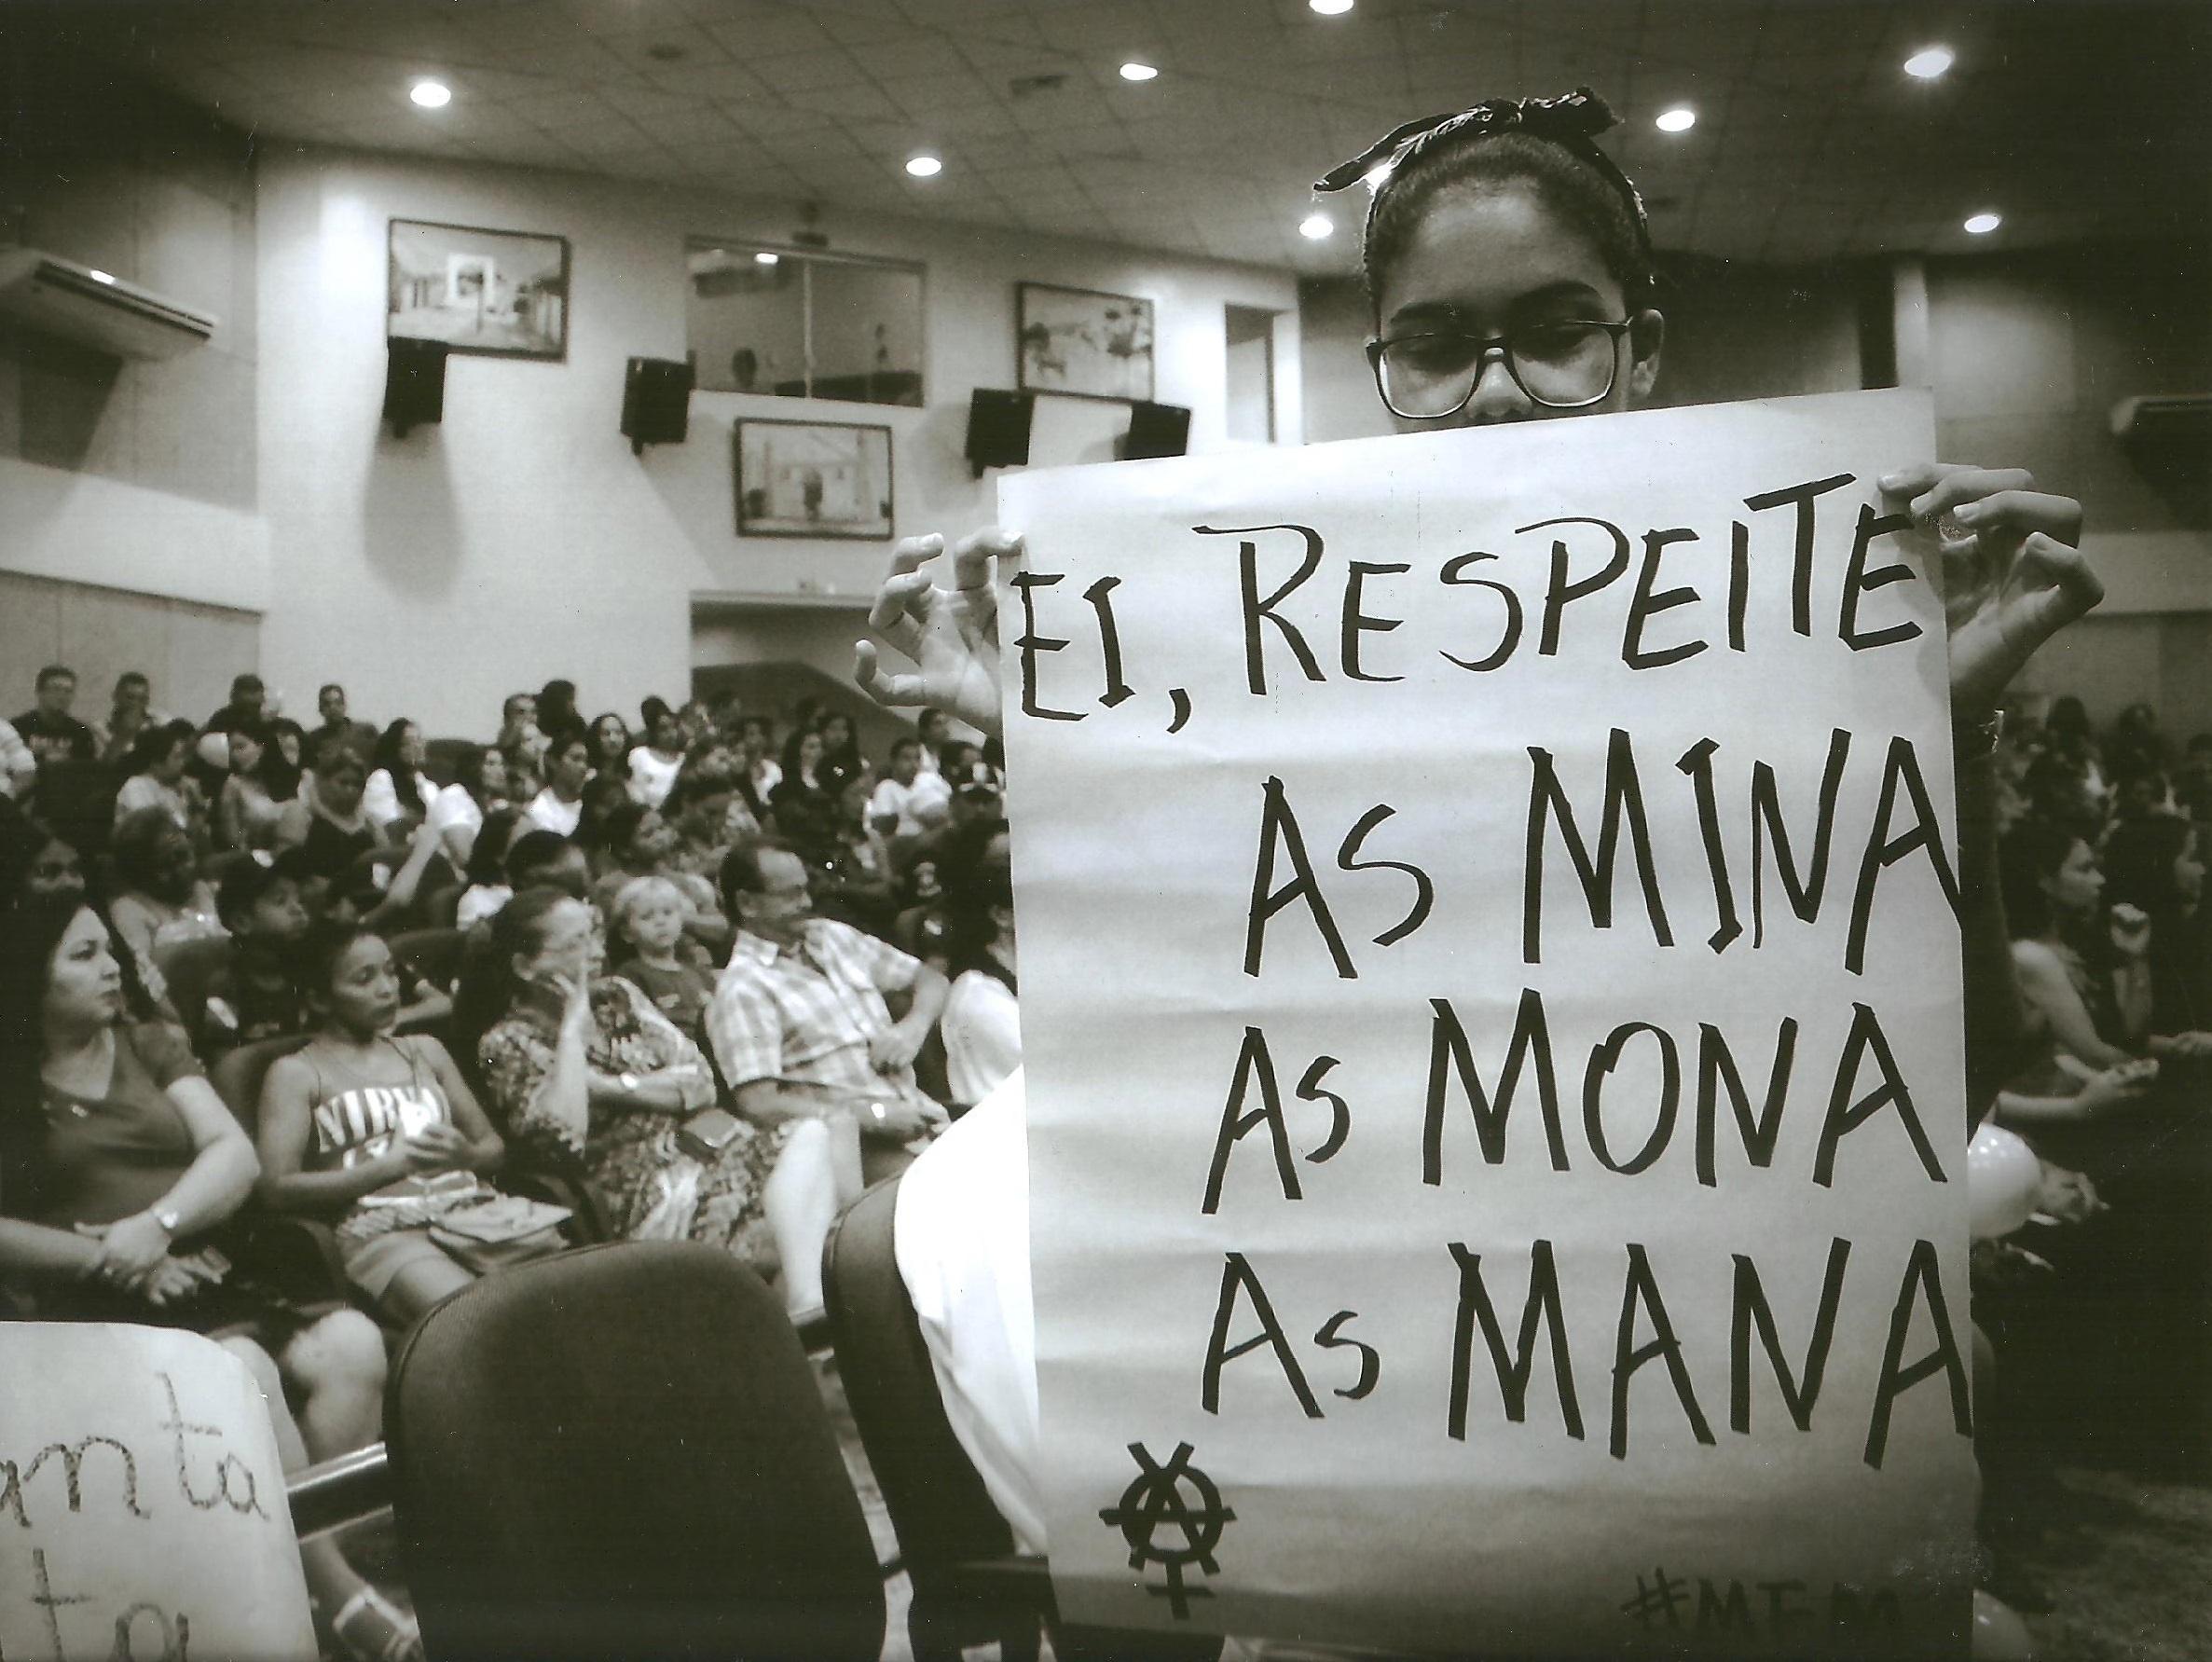 2016_VII_19.1_Respeitam as minas_Giovanna Vale